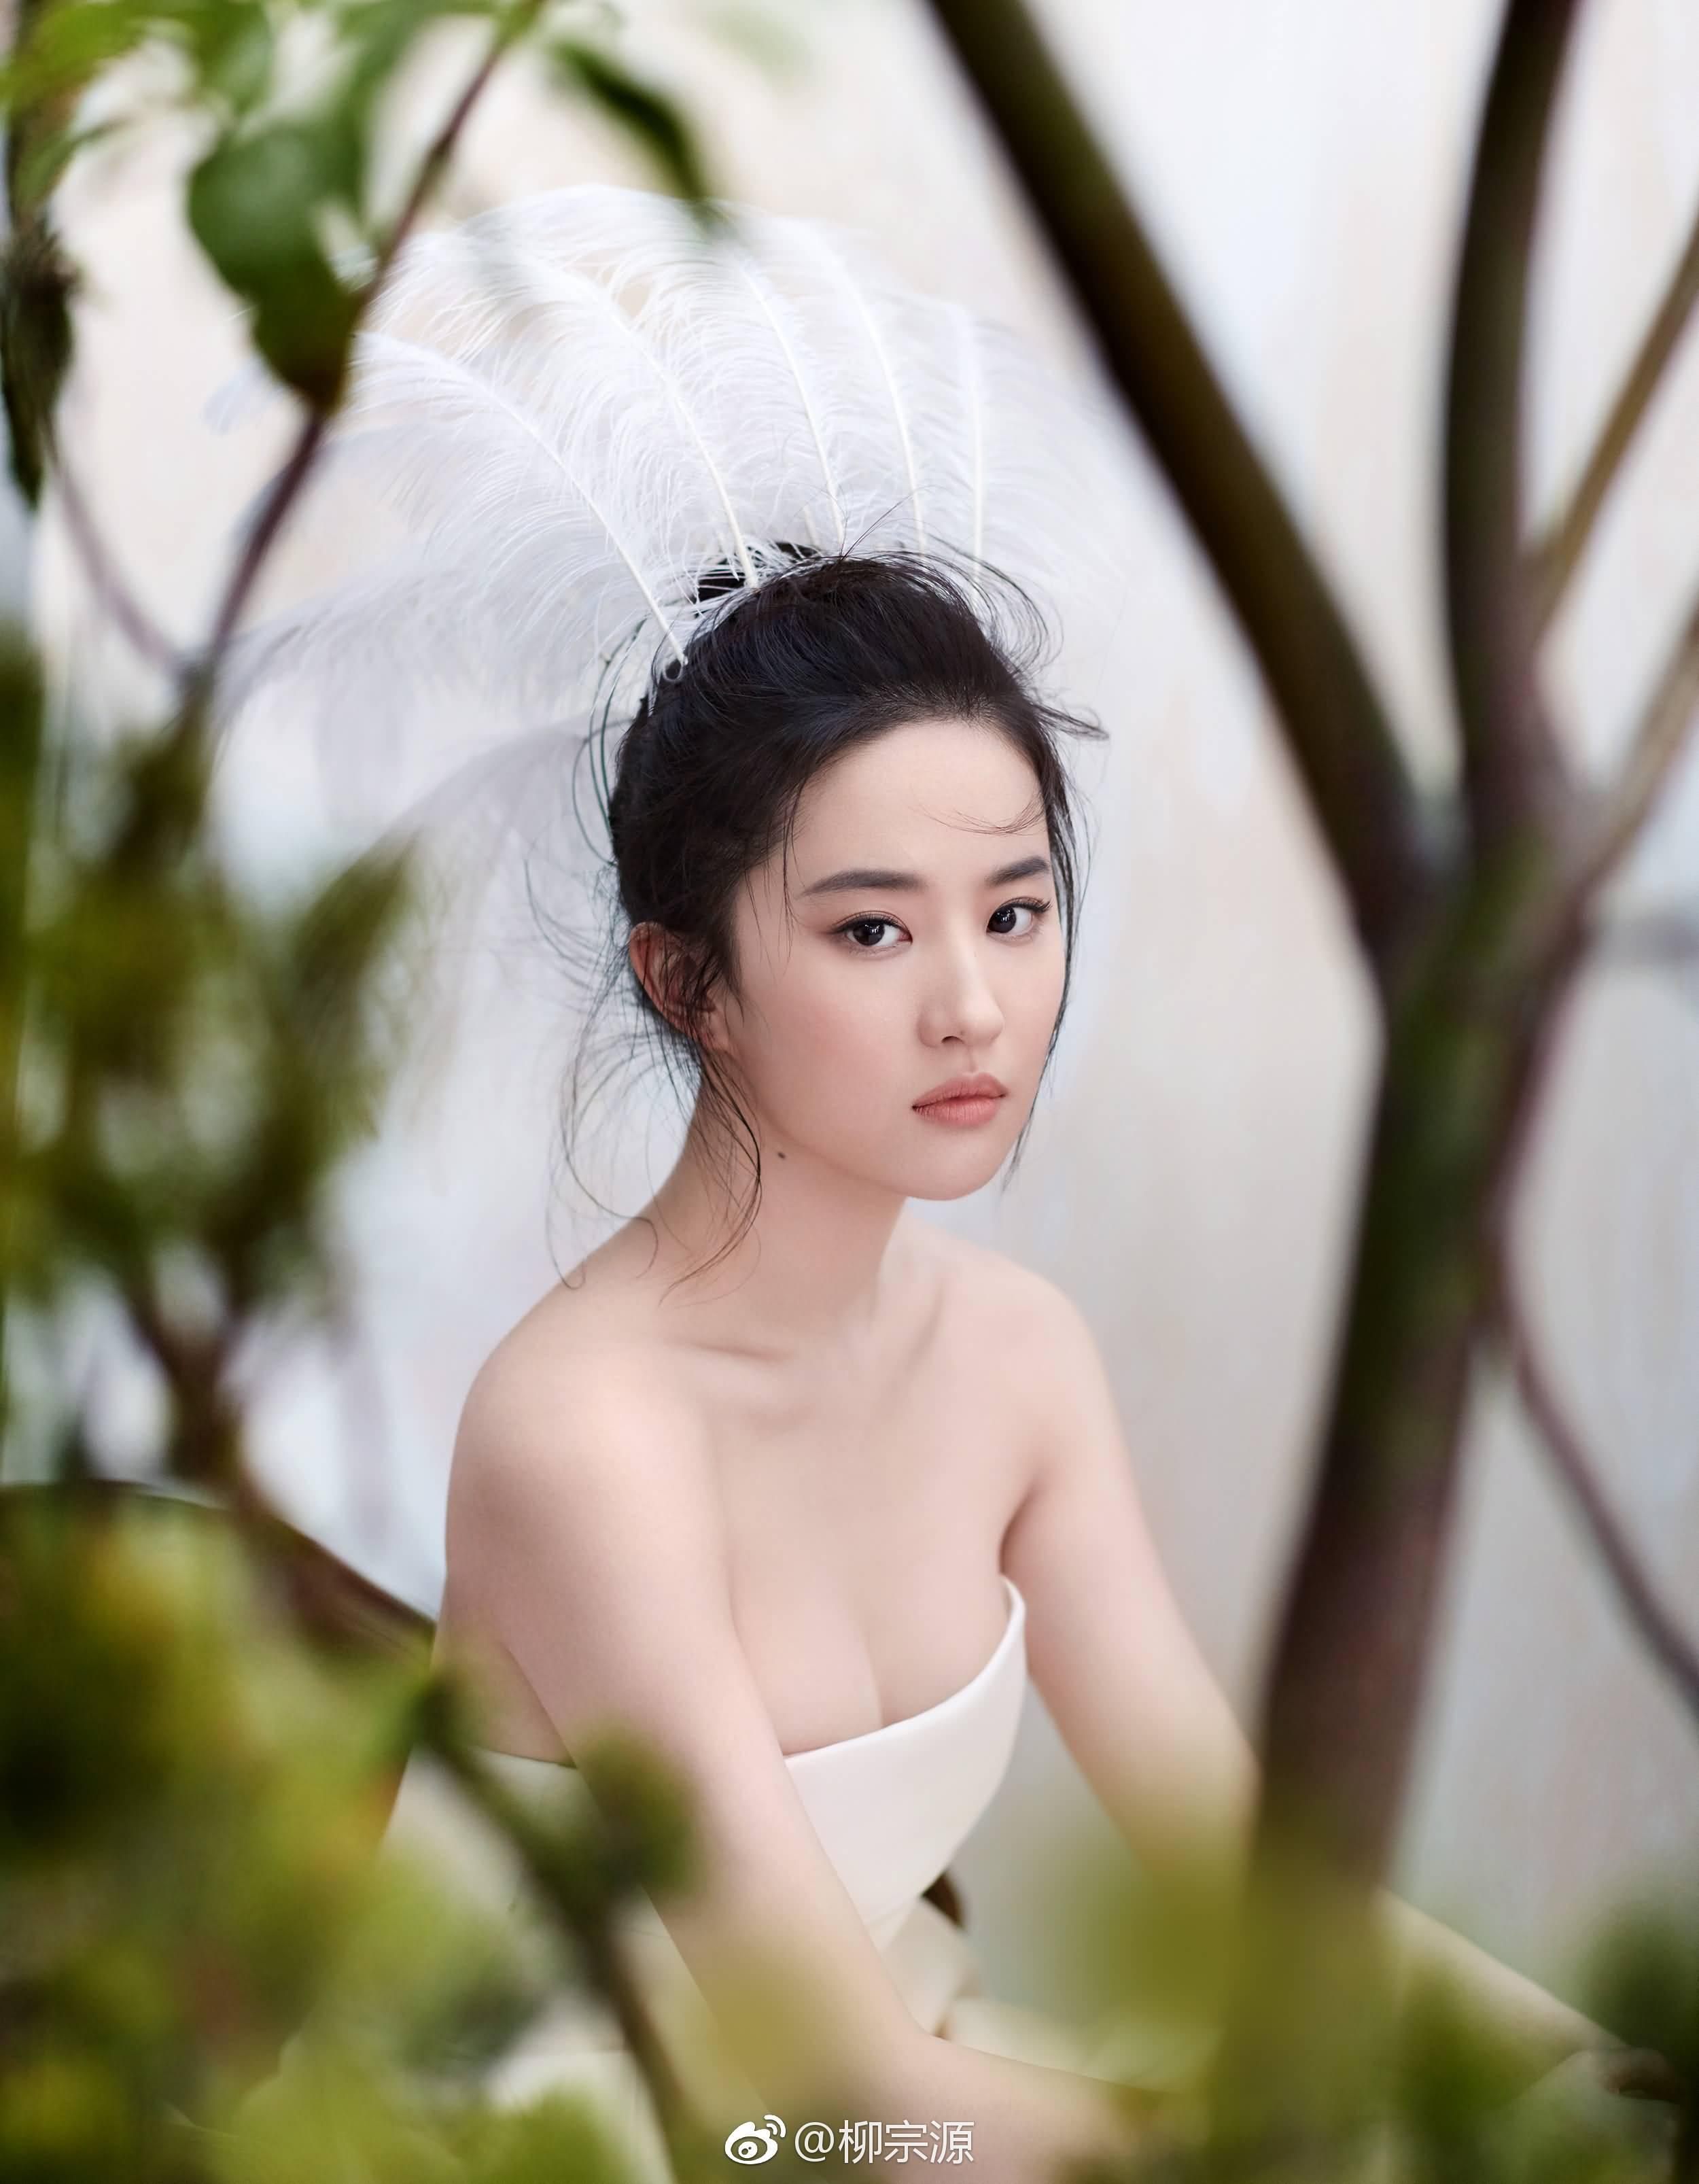 迪奥2017春夏高级订制裙装,荣登时尚芭莎五月刊